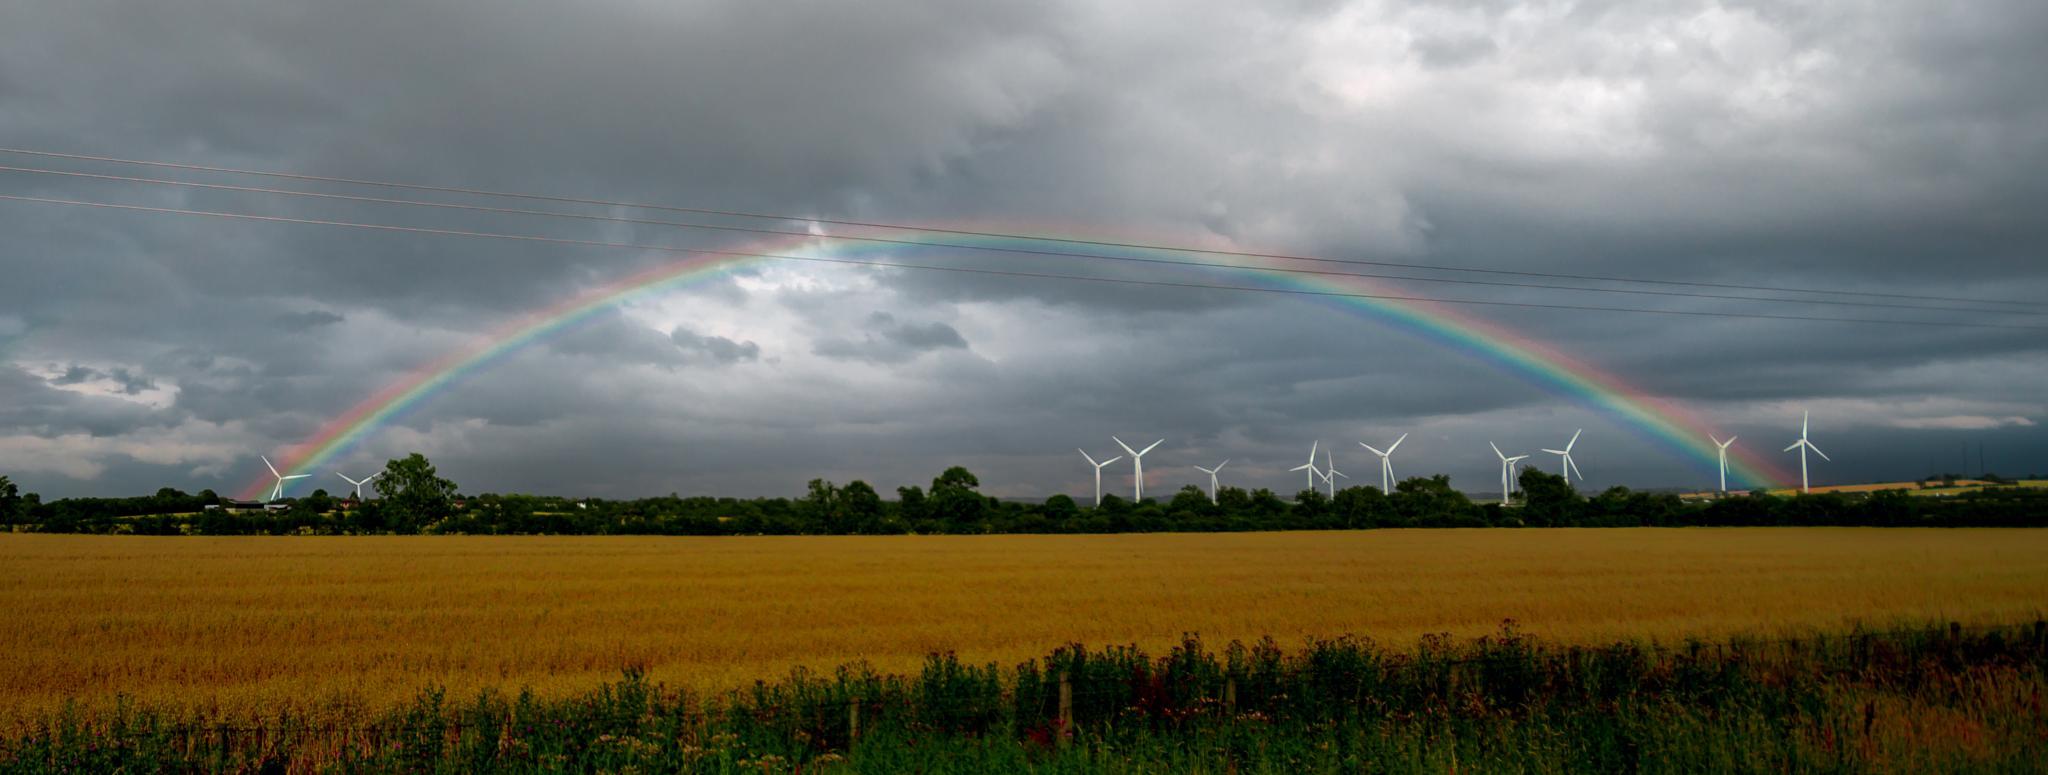 rainbow by TonBoelaars